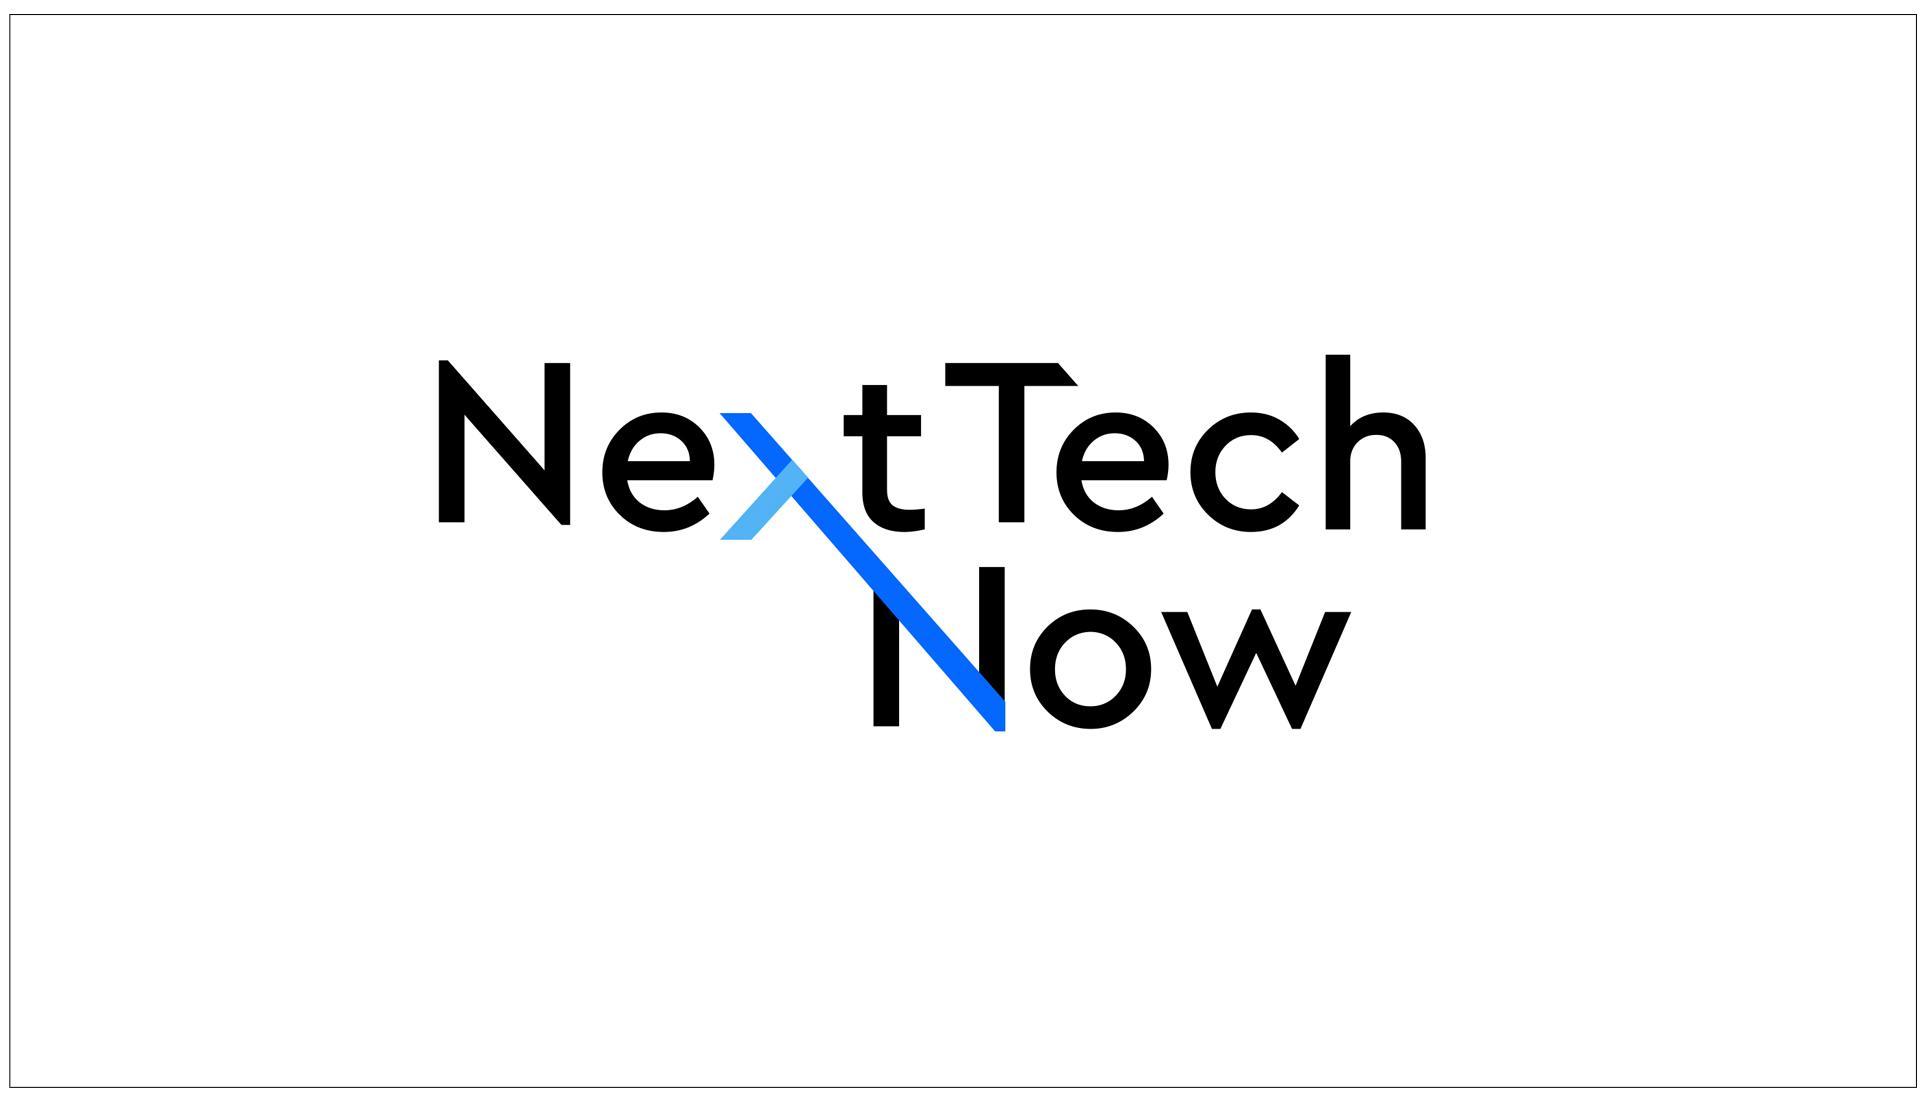 NextTechNow_final_logo.jpg